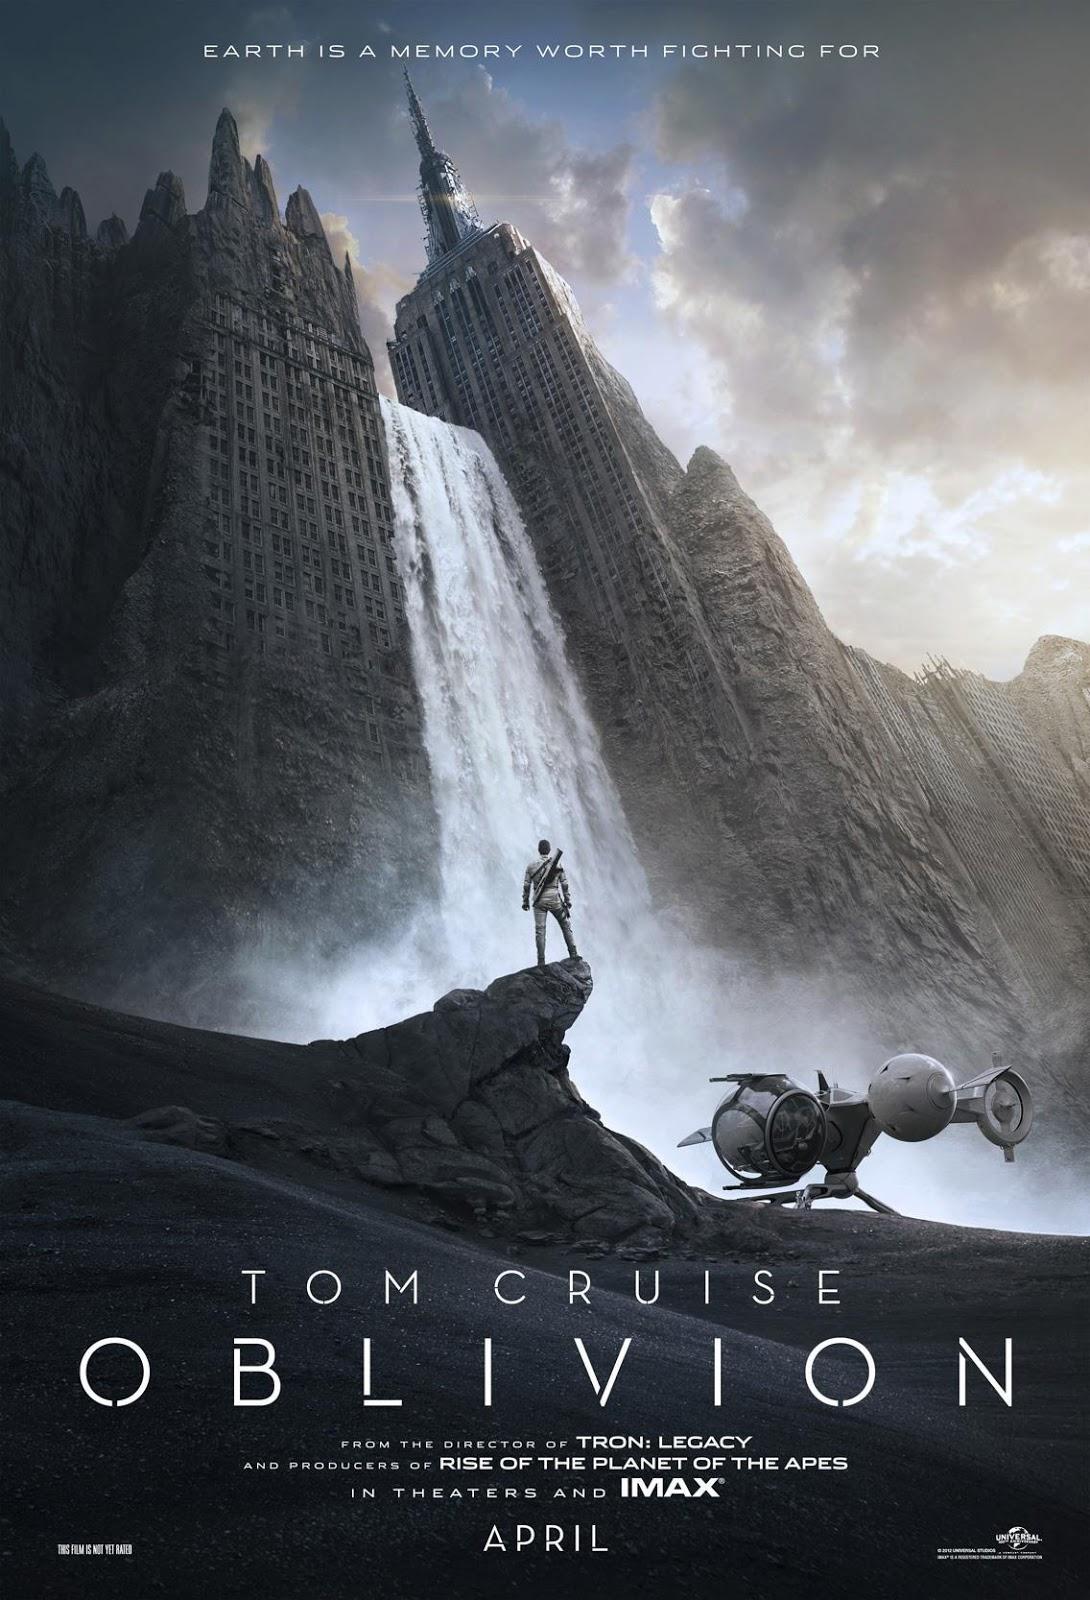 http://4.bp.blogspot.com/-QGCAlDsMc7A/UMOQng4SONI/AAAAAAAAWhc/wUOdHZLPYwg/s1600/oblivion-poster-teaser.jpg